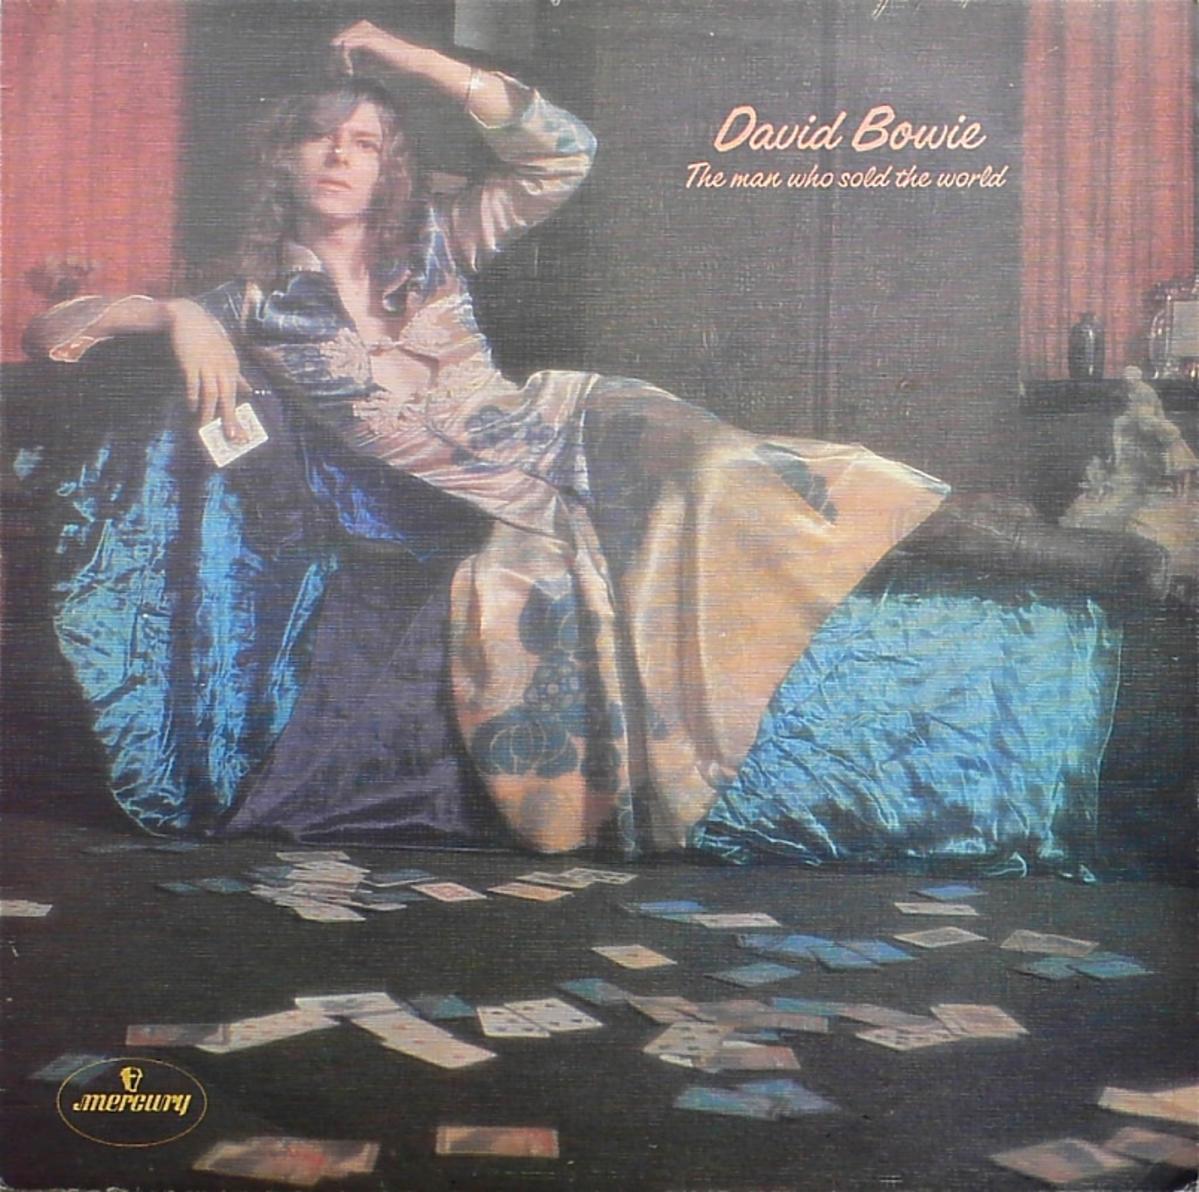 David Bowie na okładce płyty sfotografowany w sukience